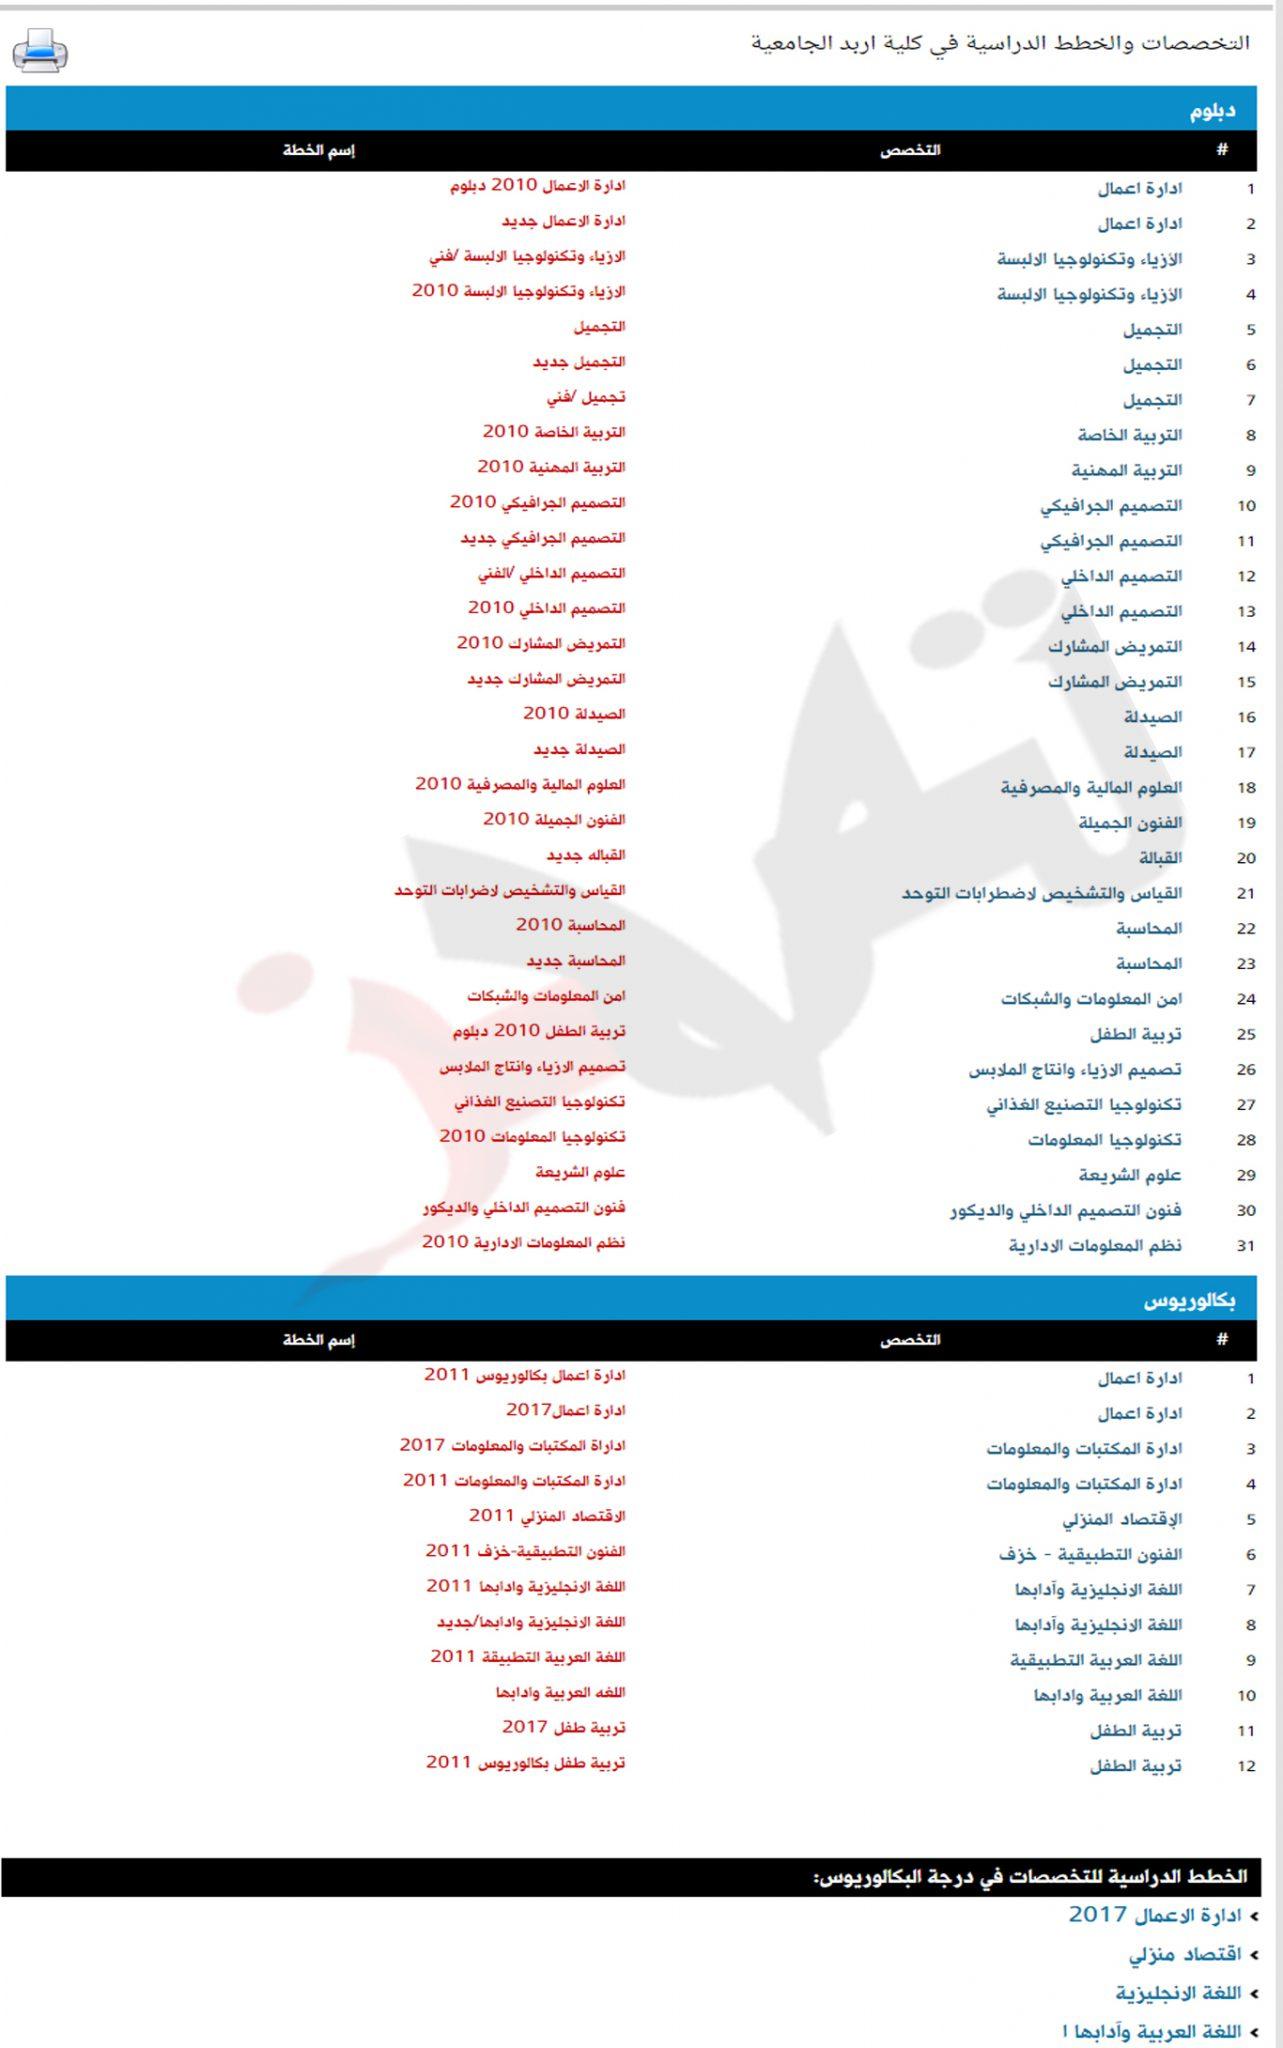 تخصصات بنات جامعة اربد